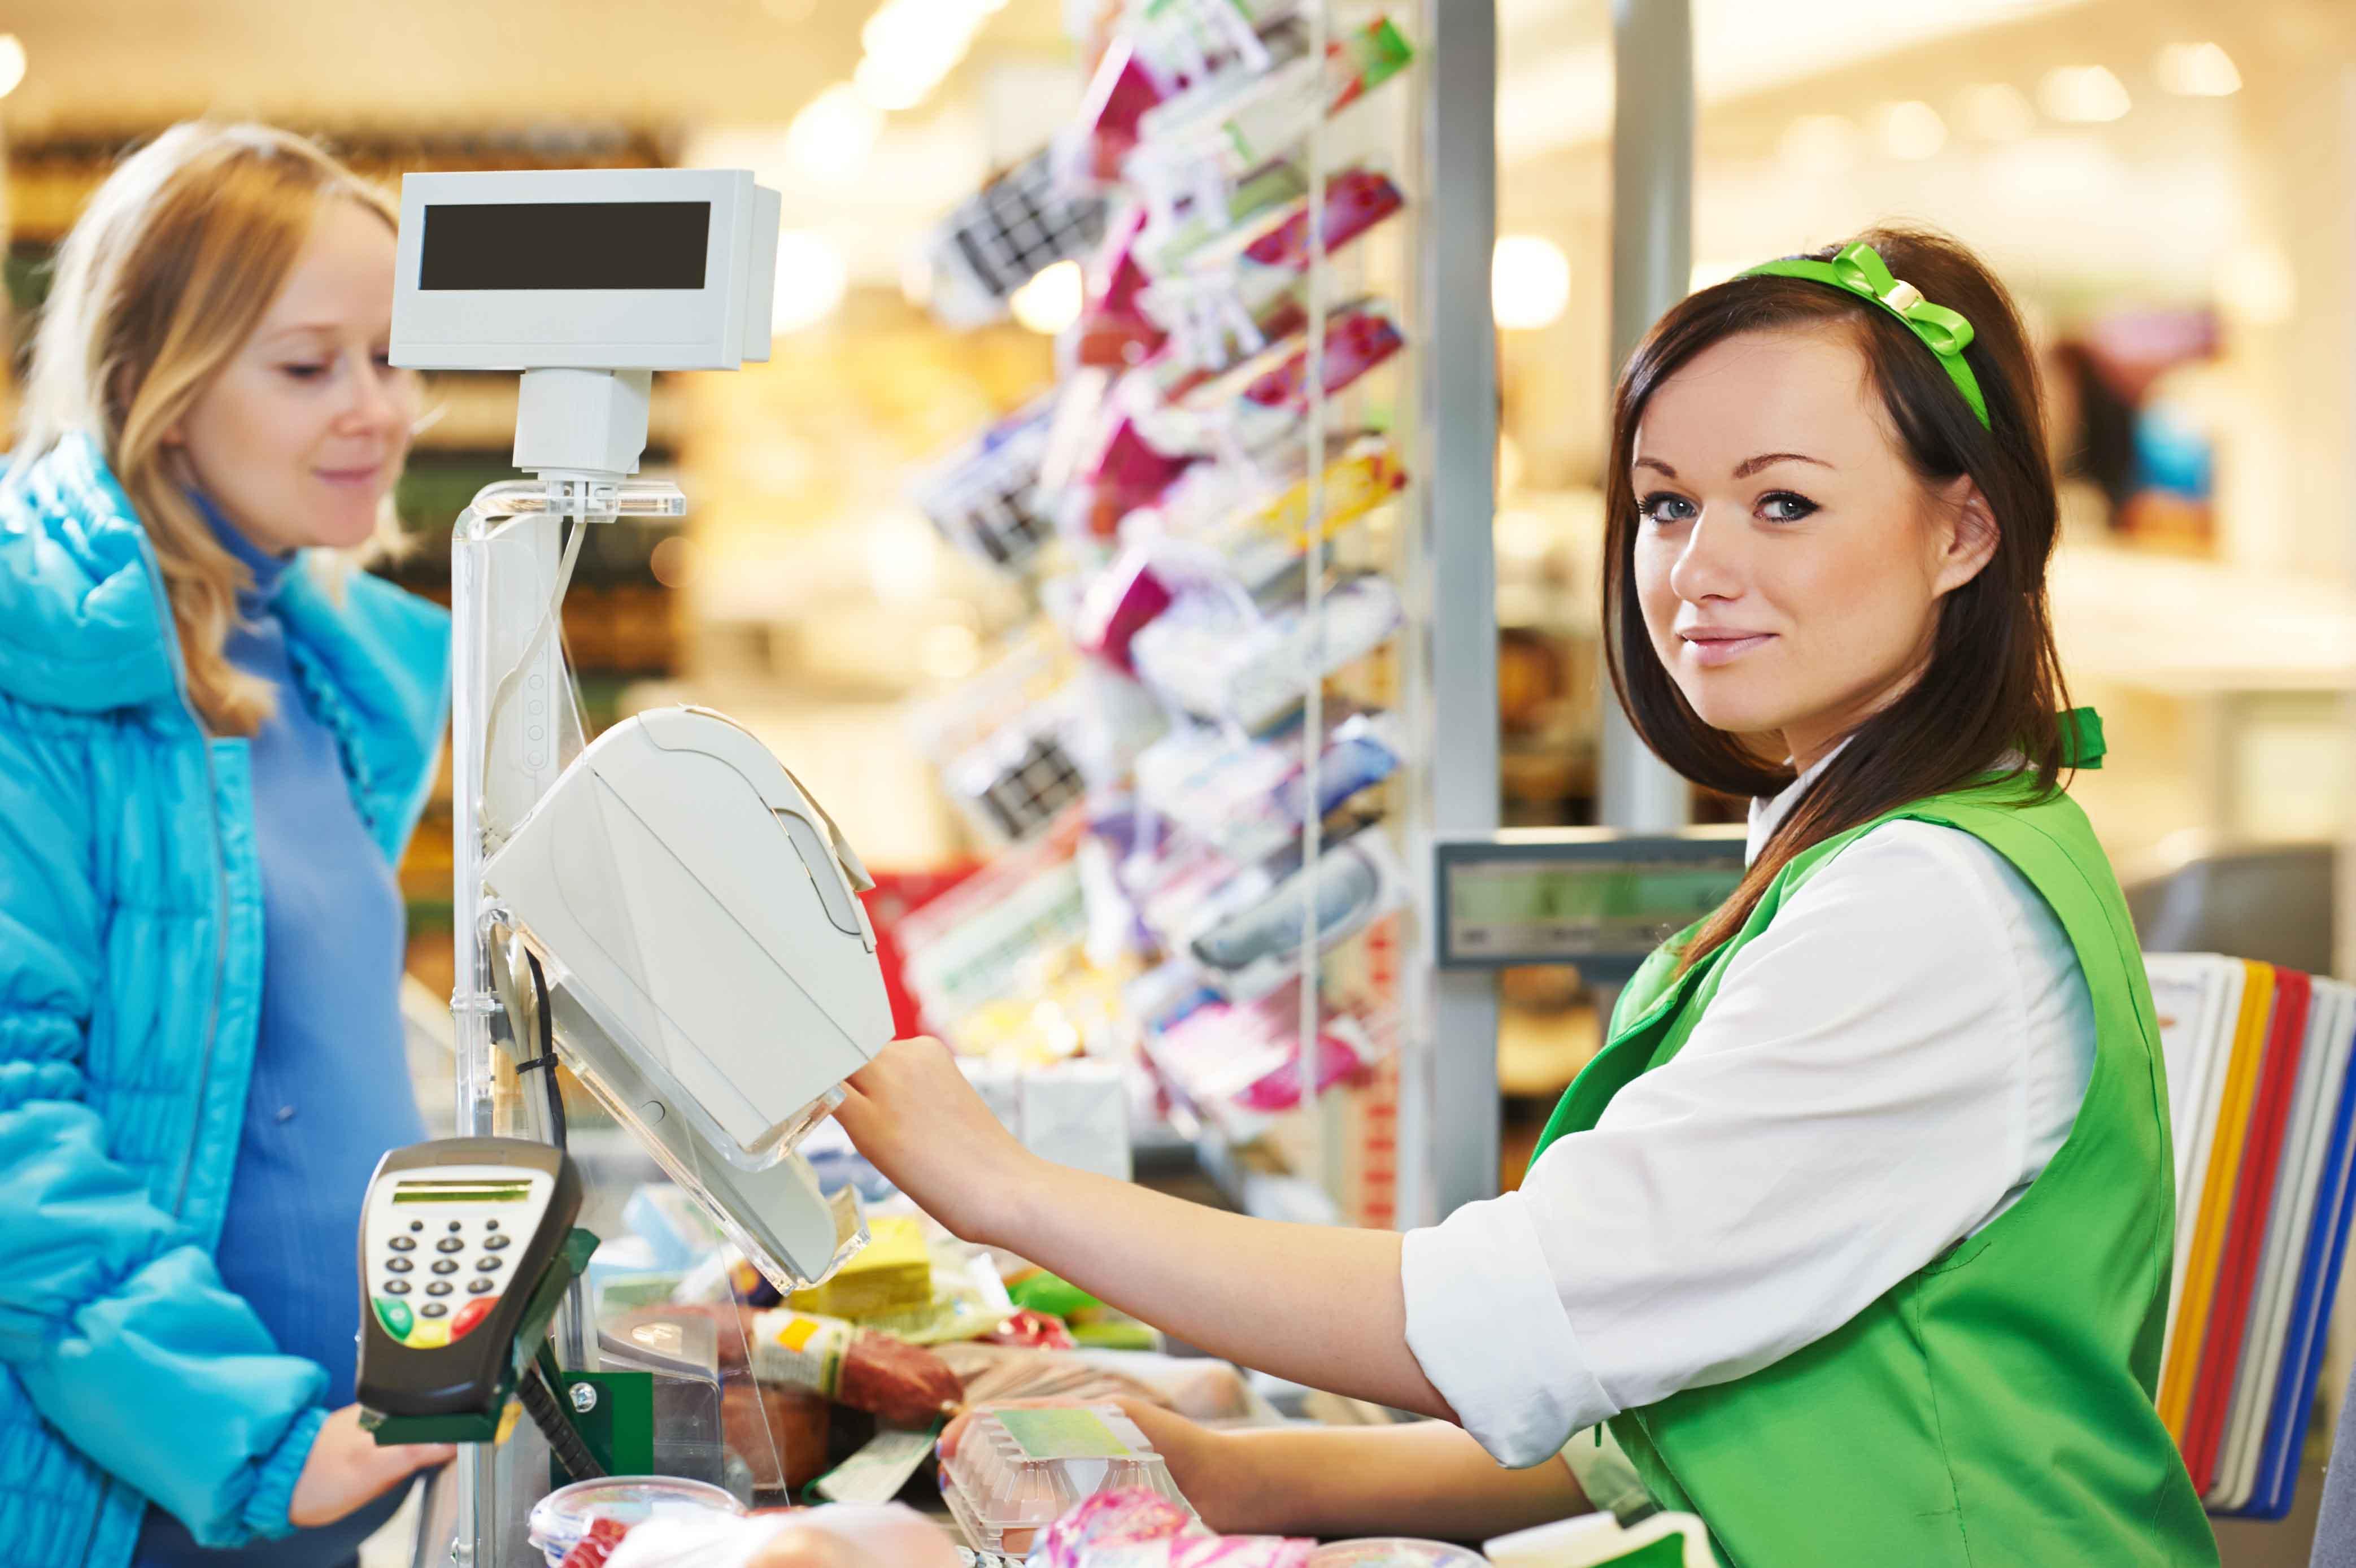 Chica cobrando a señora en supermercado